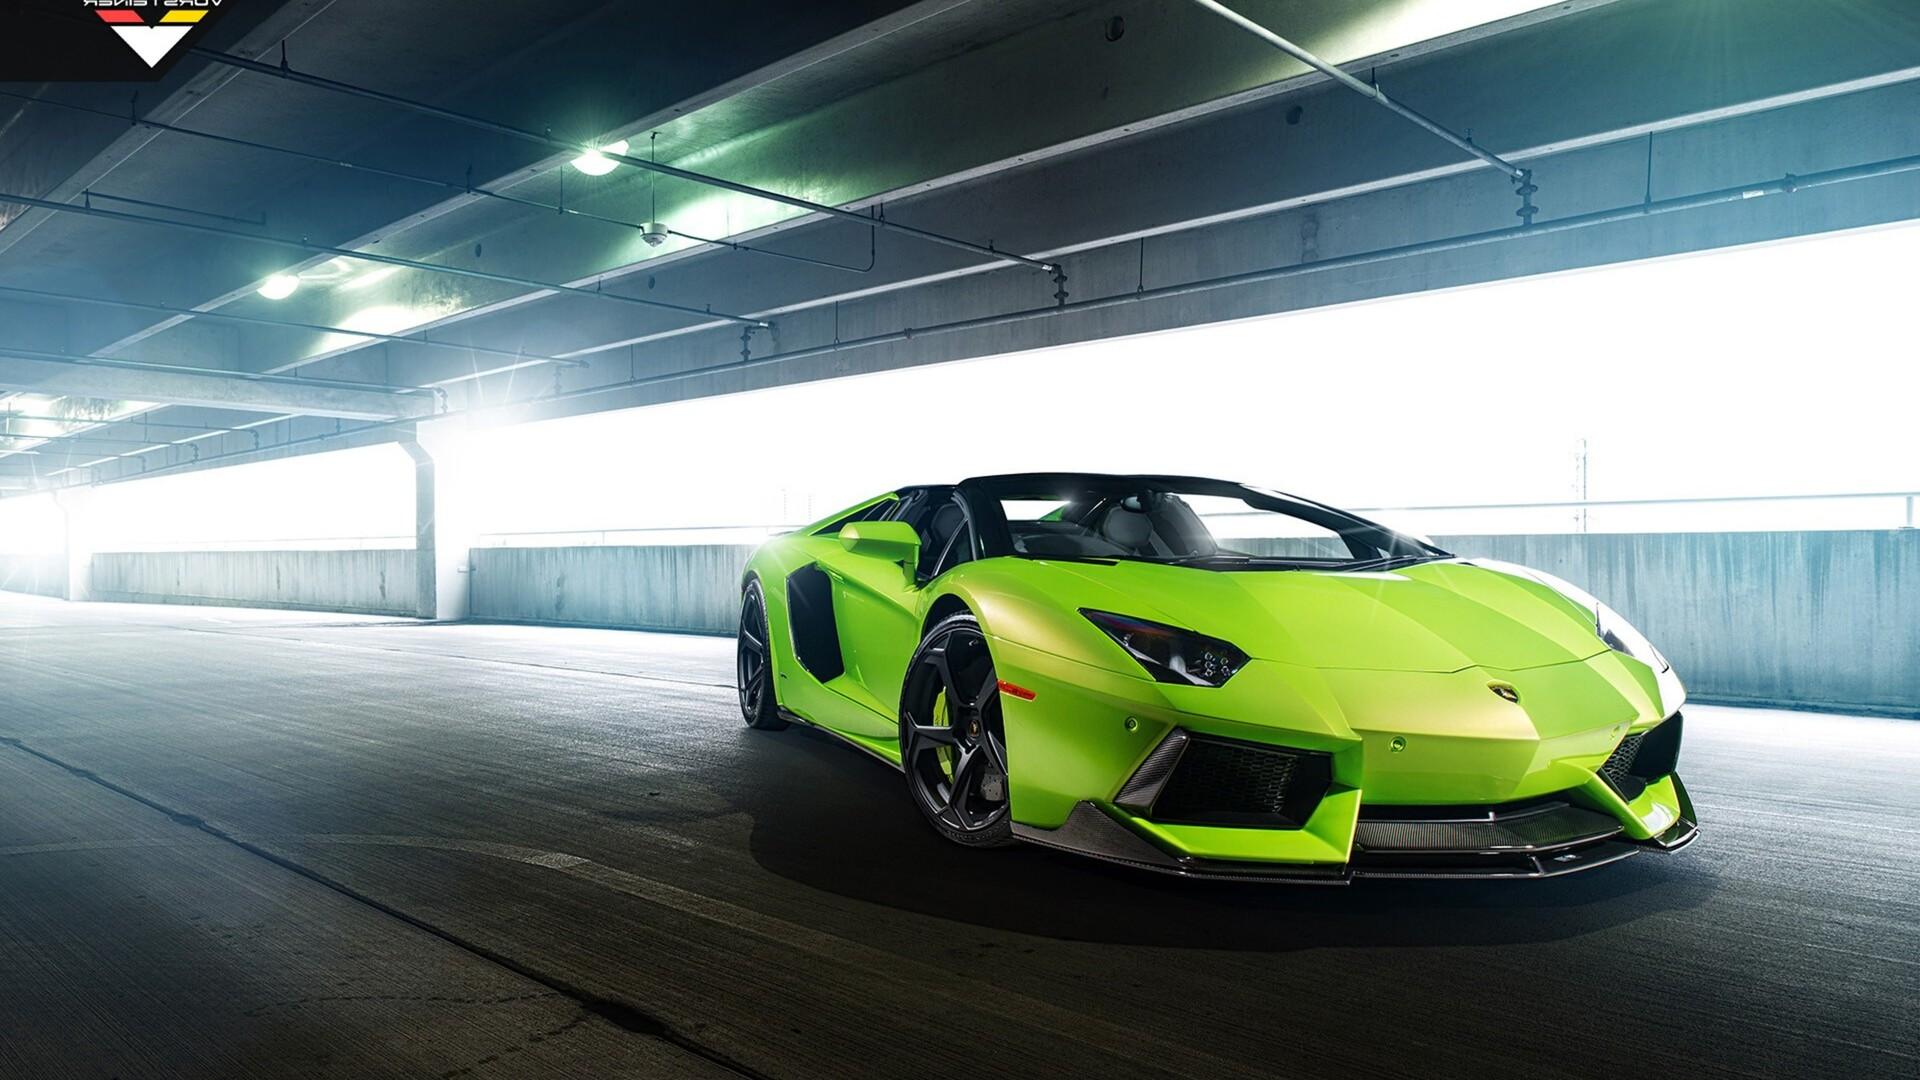 1920x1080 Lamborghini Green Laptop Full Hd 1080p Hd 4k Wallpapers